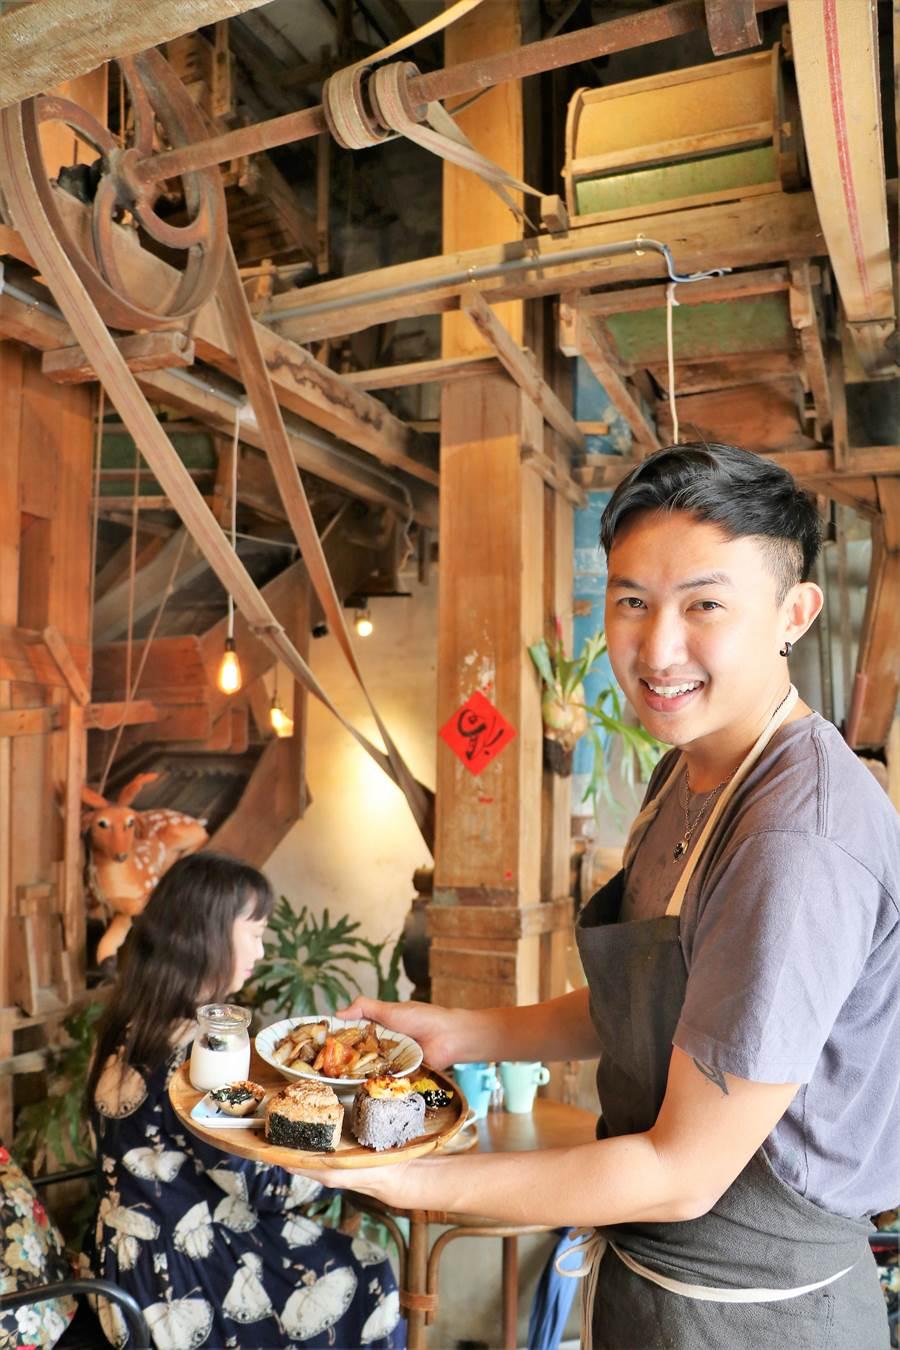 恆春人李奕旻(右)將有65年歷史的碾米廠老屋活化成特色餐館並推出私房菜。(謝佳潾攝)